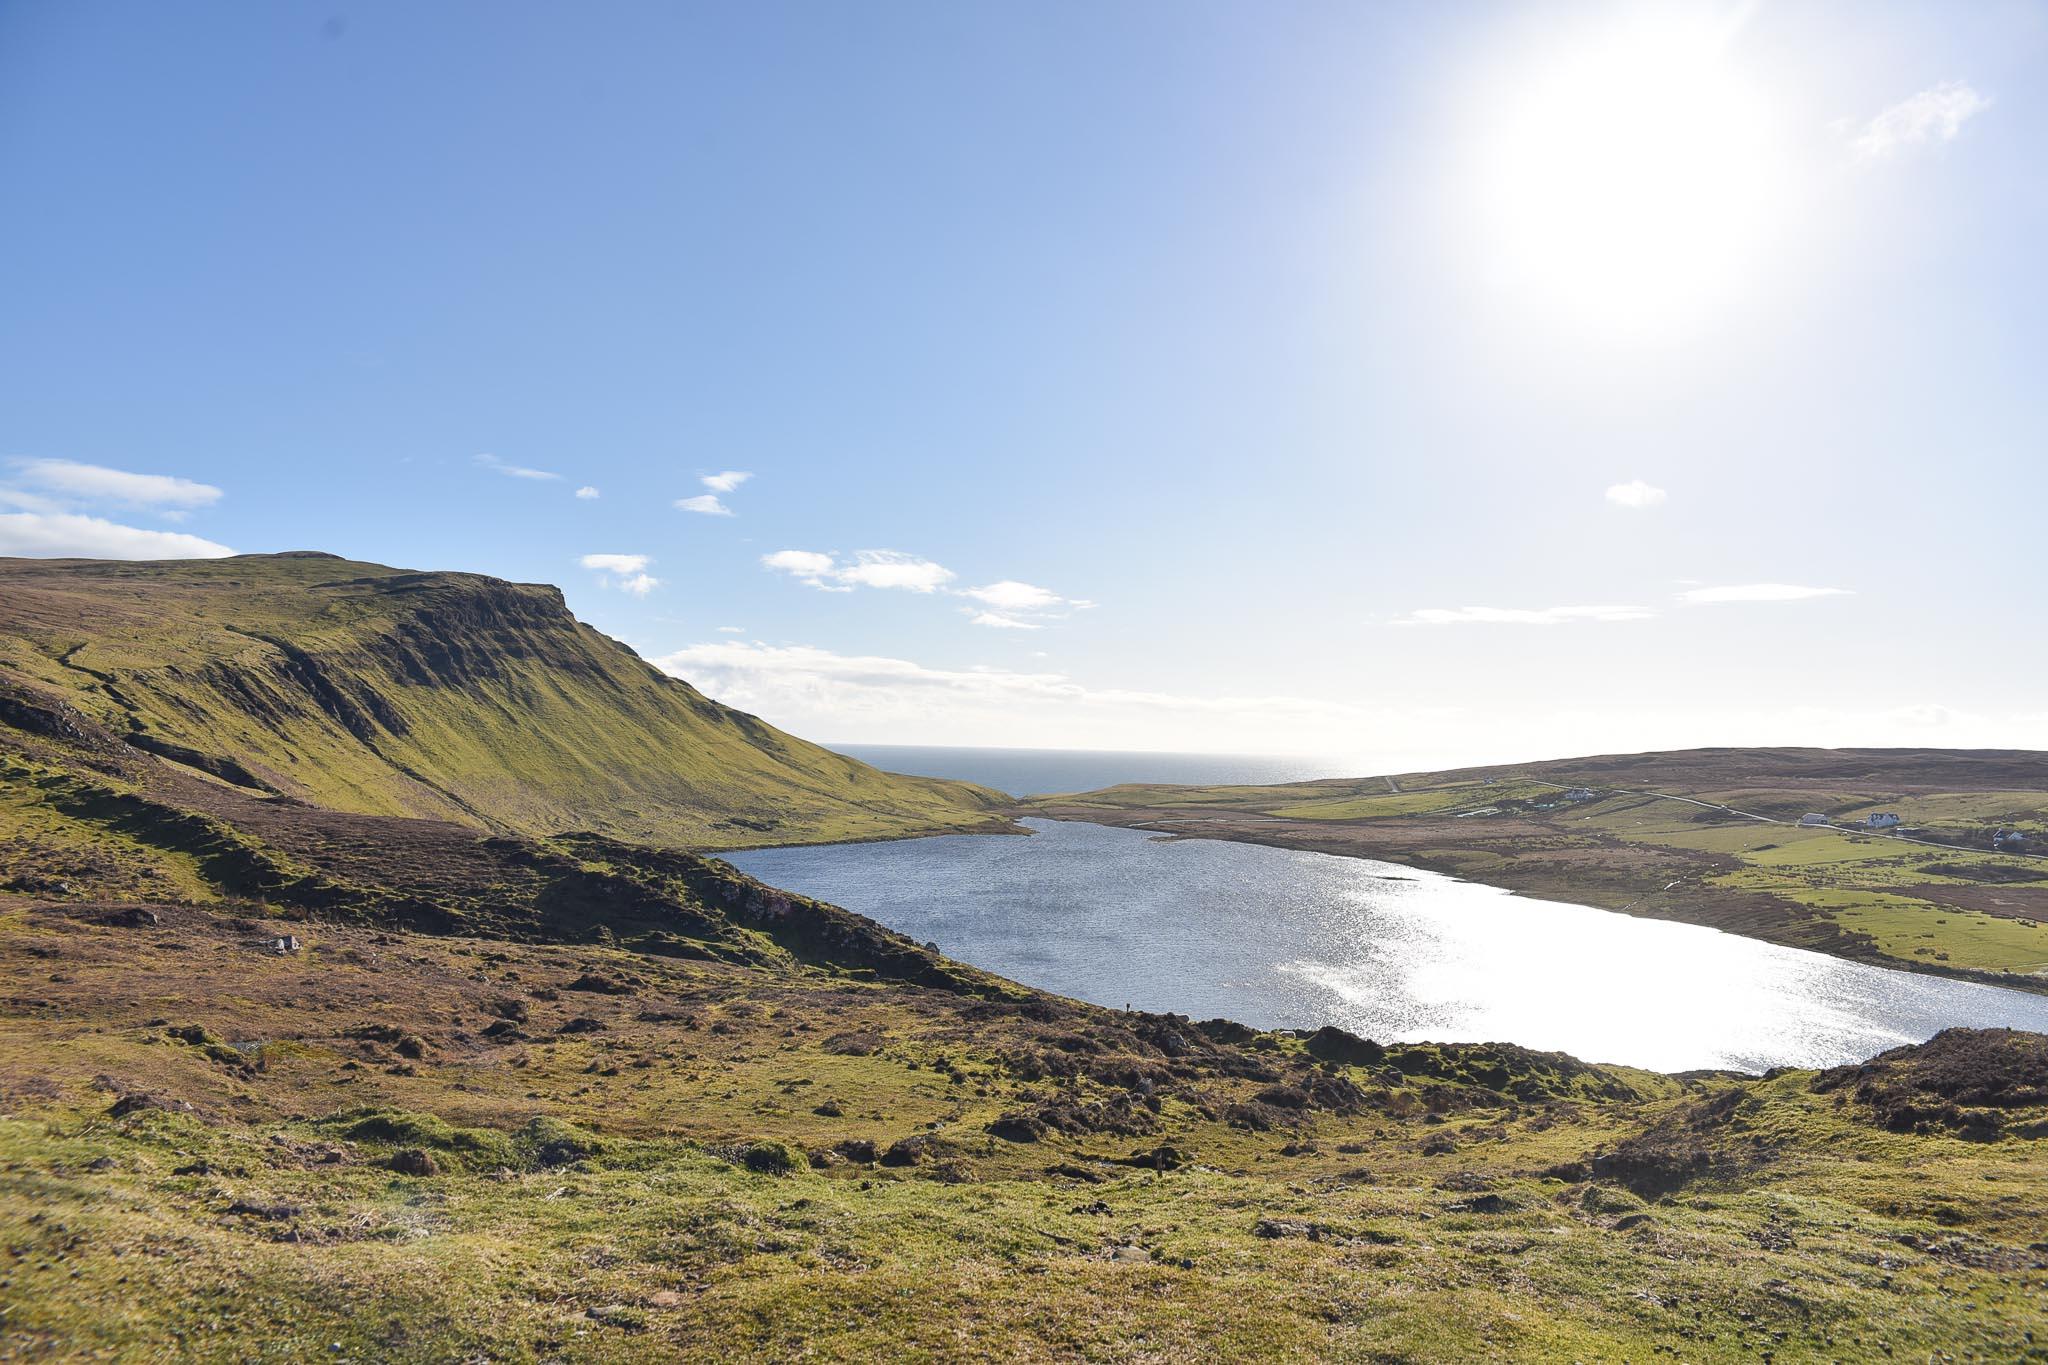 scotland loch ecosse montagne payse vert blog voyage